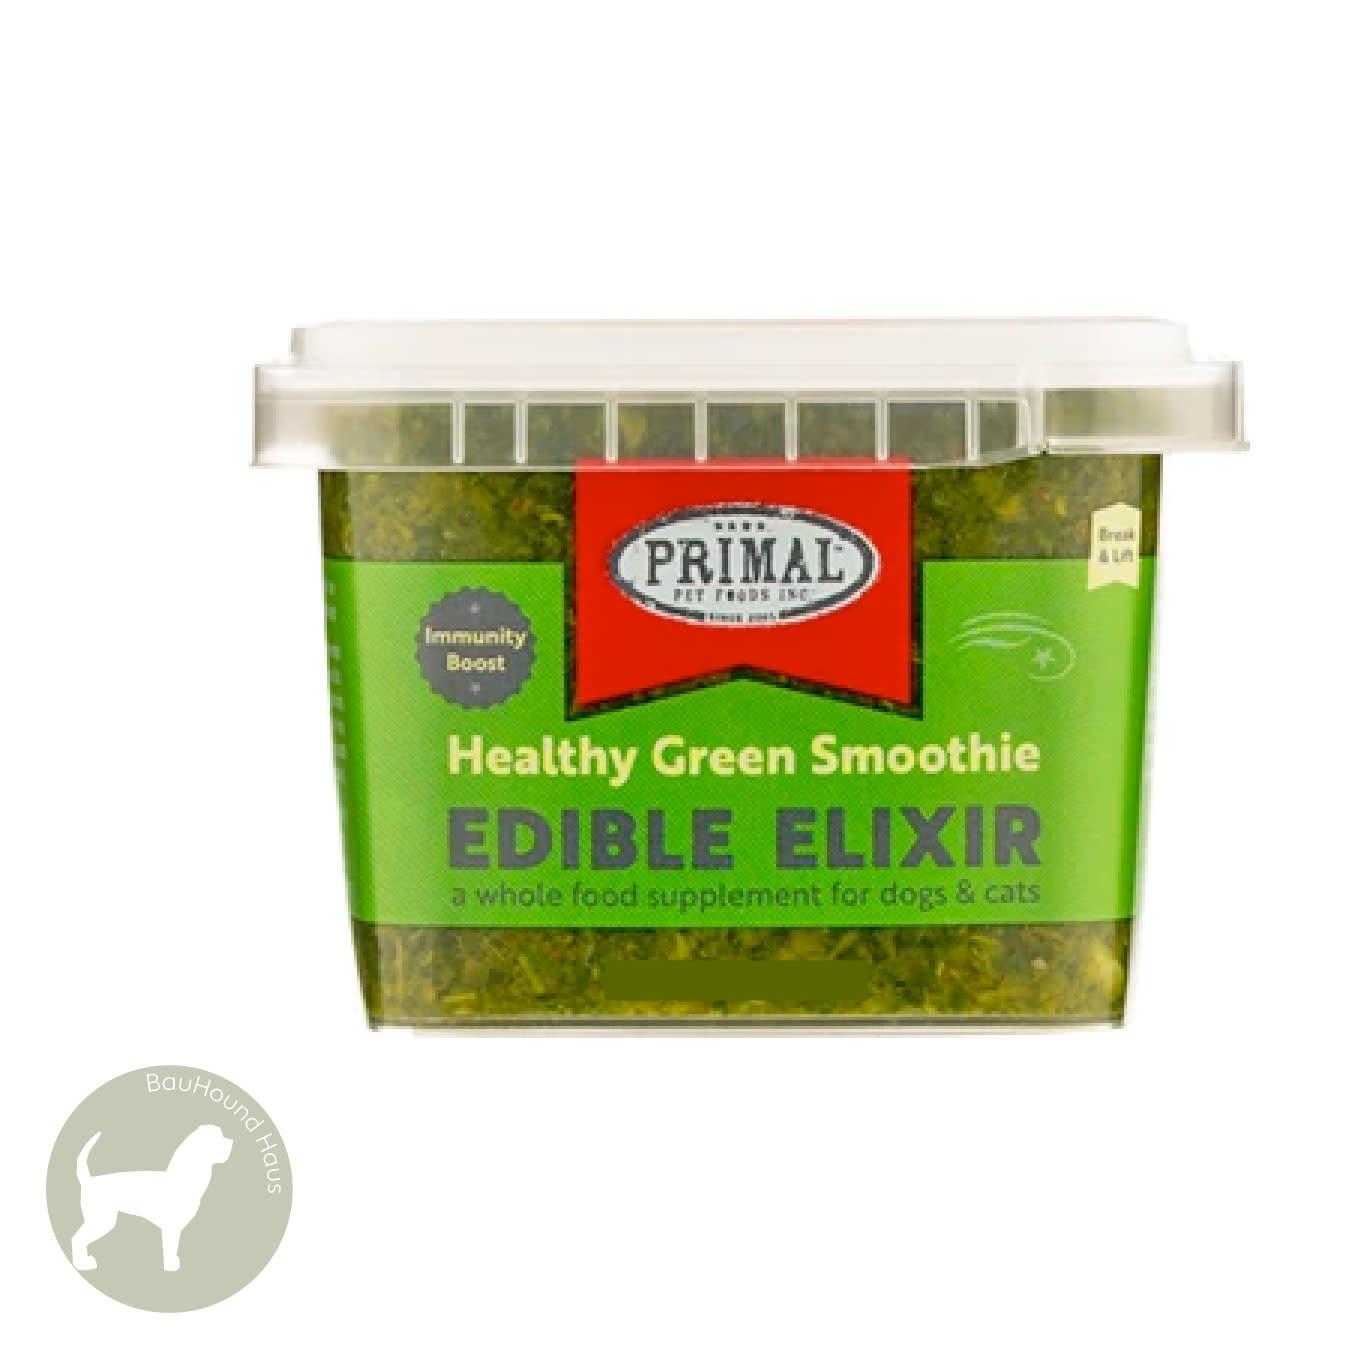 Primal Pet Foods Primal Pet Foods Edible Elixir Healthy Green Smoothie,  16oz